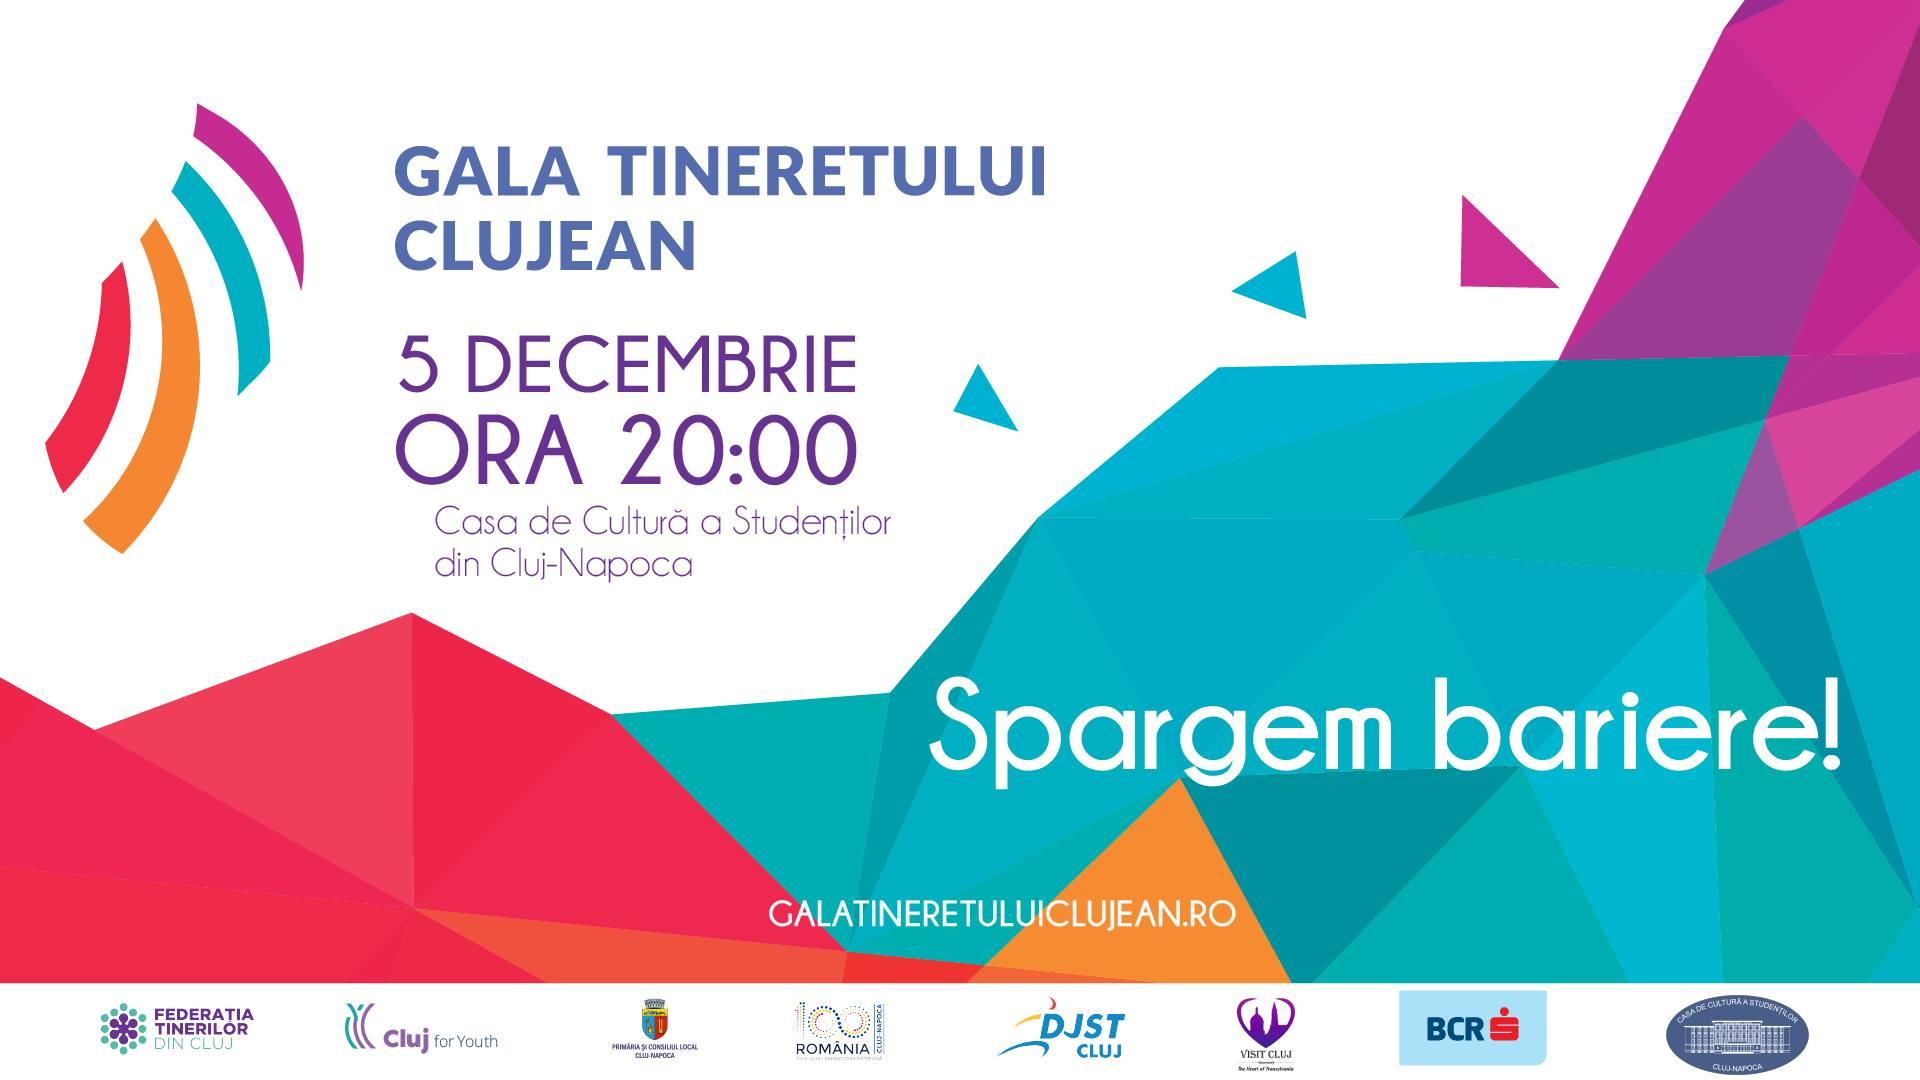 Gala Tineretului Clujean 2019